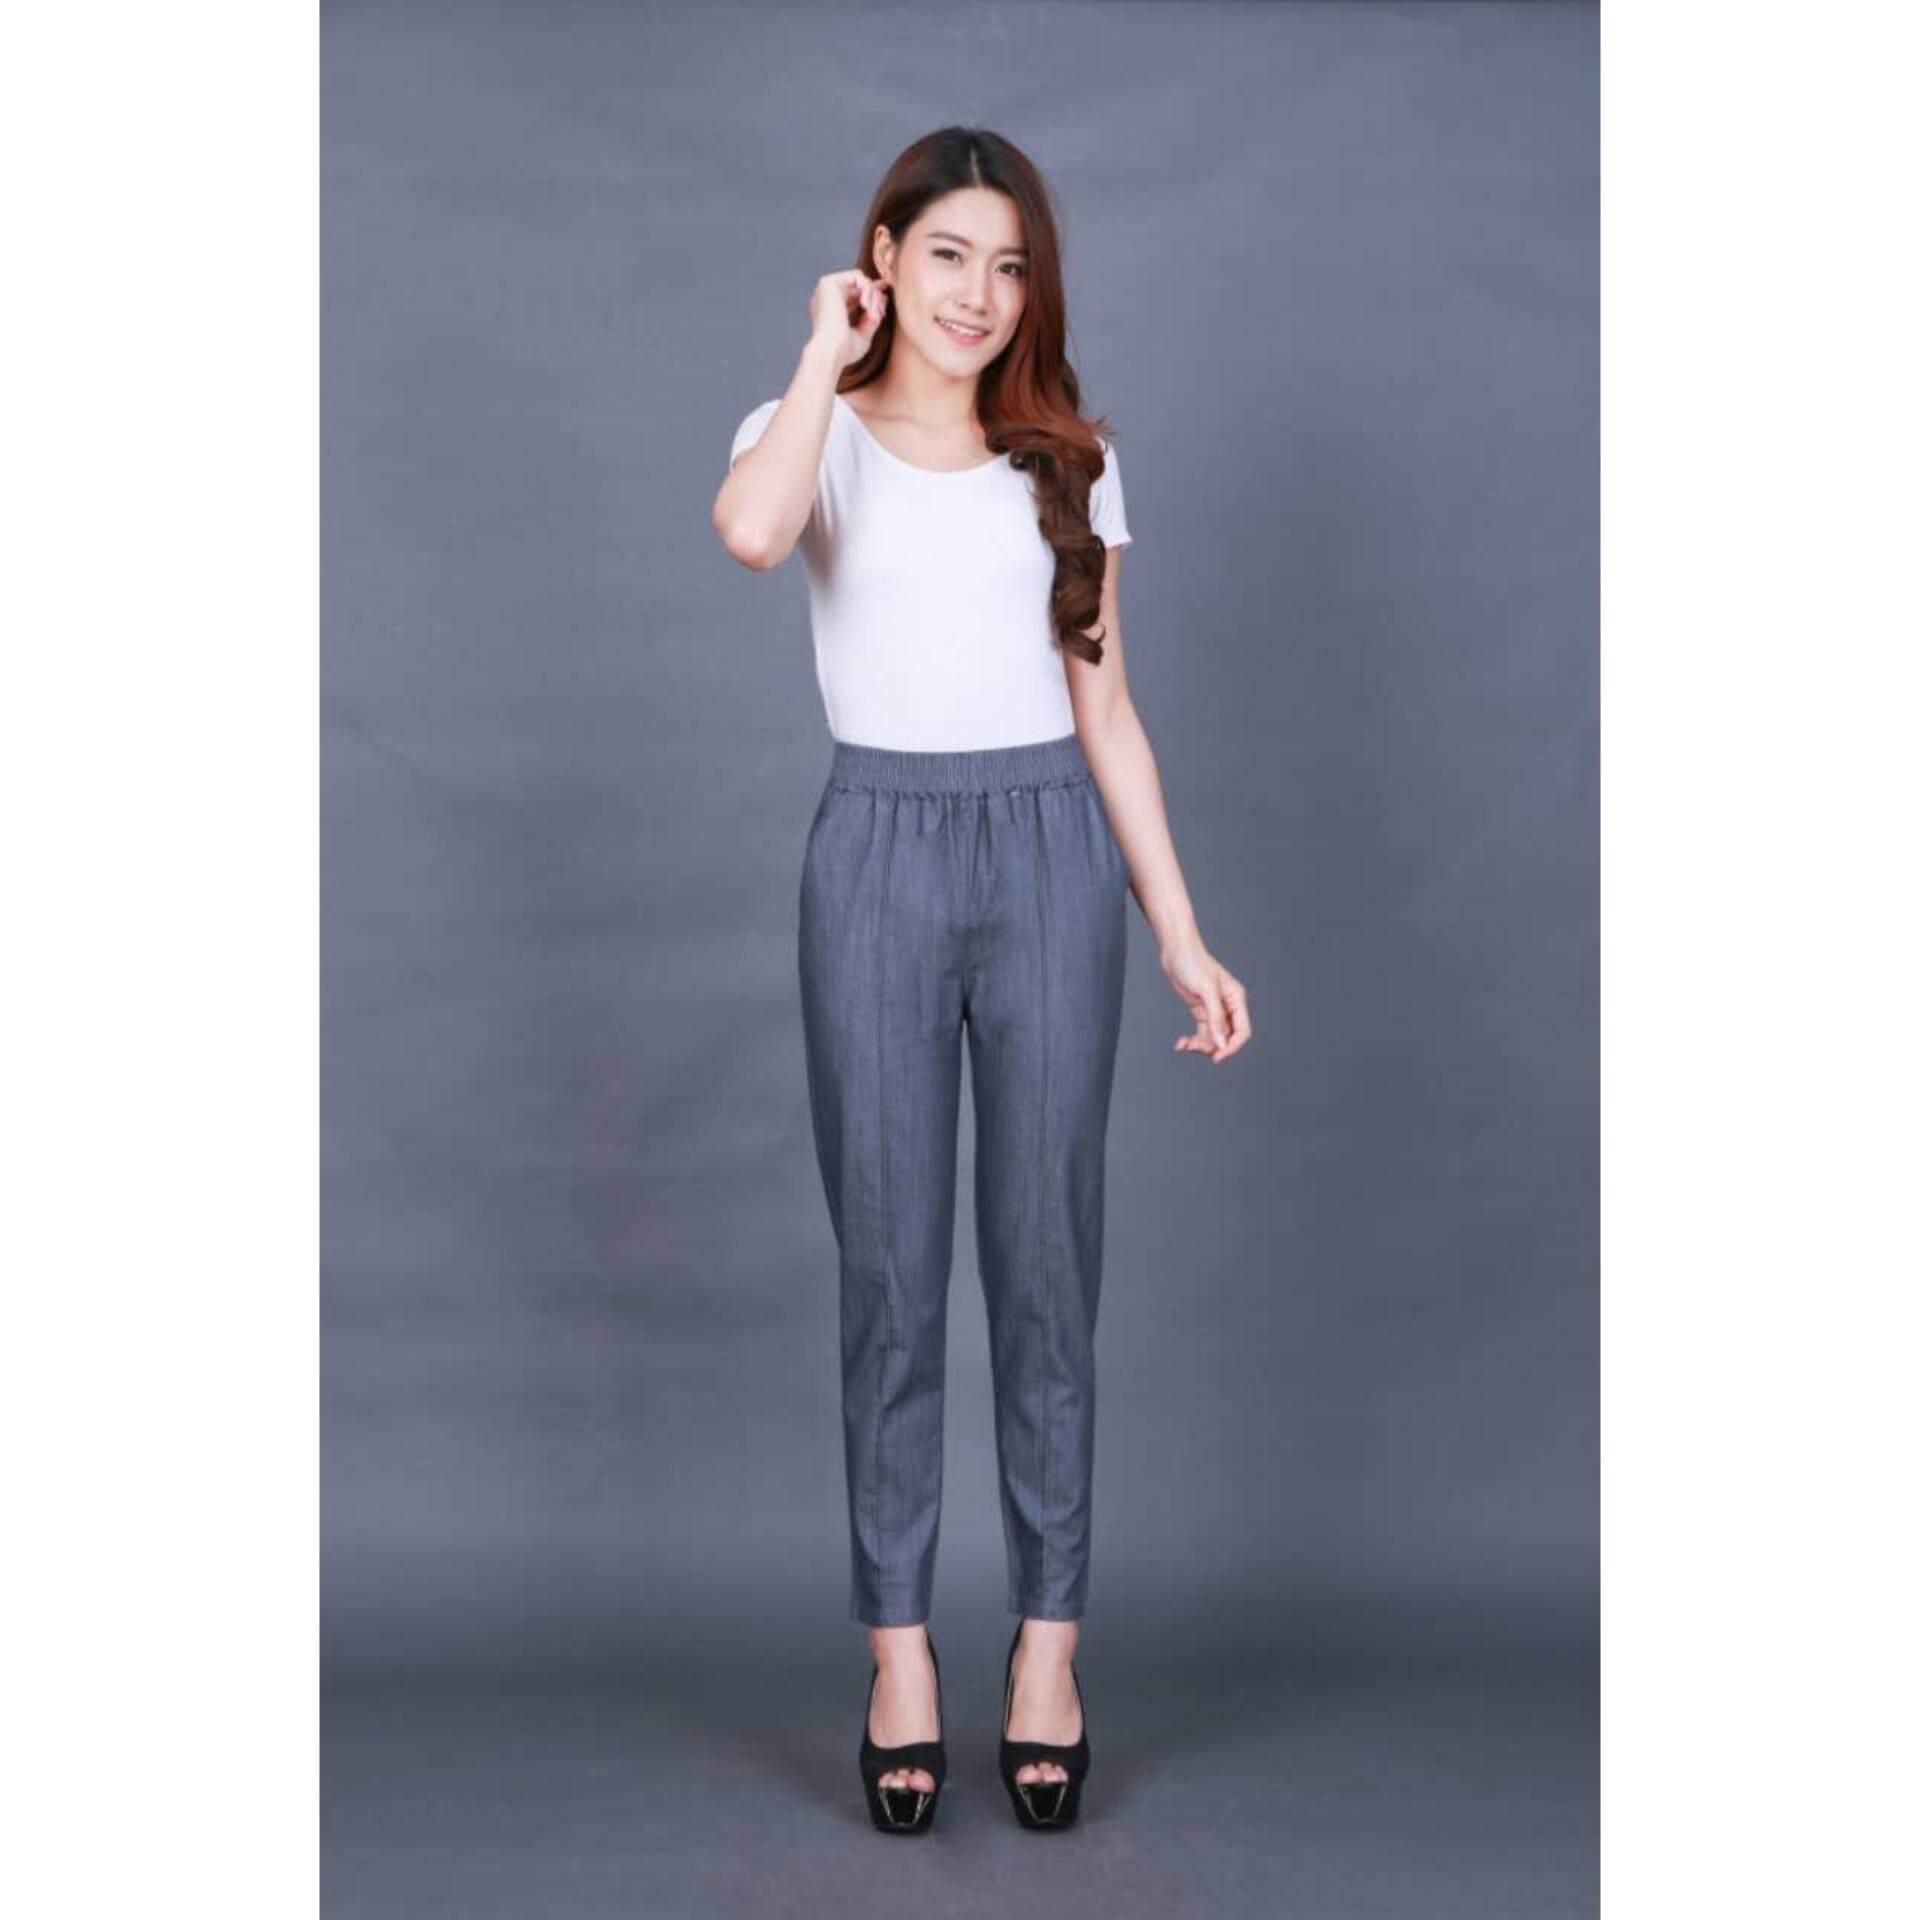 ขาย Baifa Shop เนื้อผ้าสวมใส่สบาย ออกแบบเป็นเอวยางยืด พร้อมกับเชือกผูก กางเกงมาพร้อมกระเป๋าข้าง ทั้งซ้ายและขวา รอบเอว 21 30 รอบสะโพก 34 38 นิ้ว รอบต้นขา 19 21 นิ้ว ความยาวกางเกง 33 นิ้ว Baifa